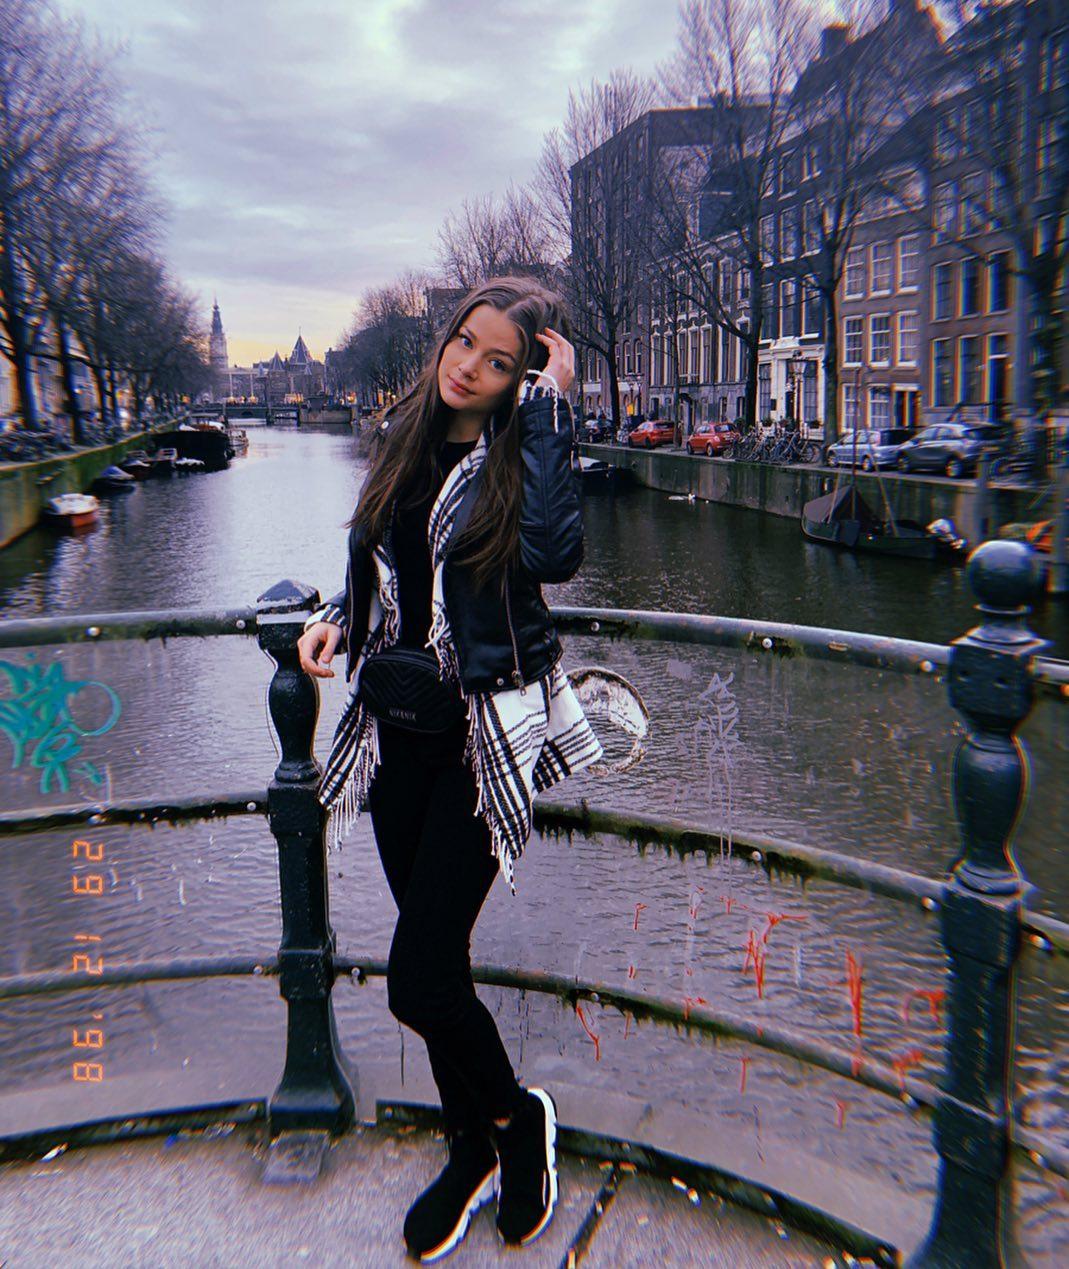 Η Στεφανία Λυμπερακάκη σε ένα από τα κανάλια του Άμστερνταμ στην Ολλανδία